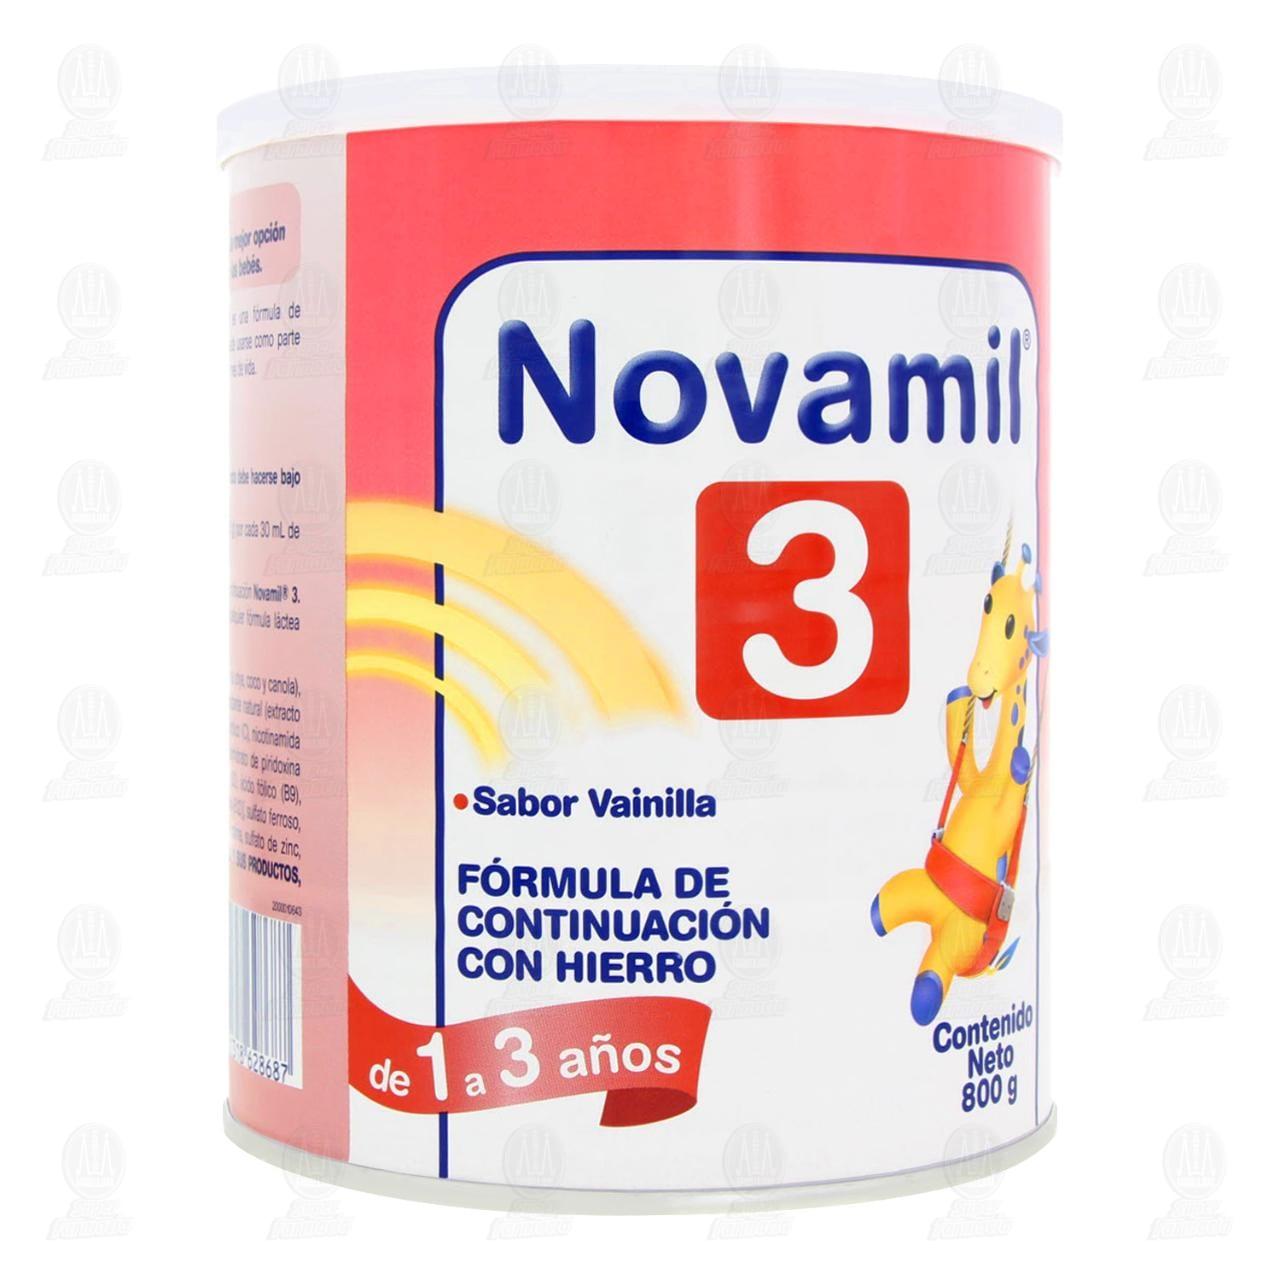 comprar https://www.movil.farmaciasguadalajara.com/wcsstore/FGCAS/wcs/products/1082345_A_1280_AL.jpg en farmacias guadalajara